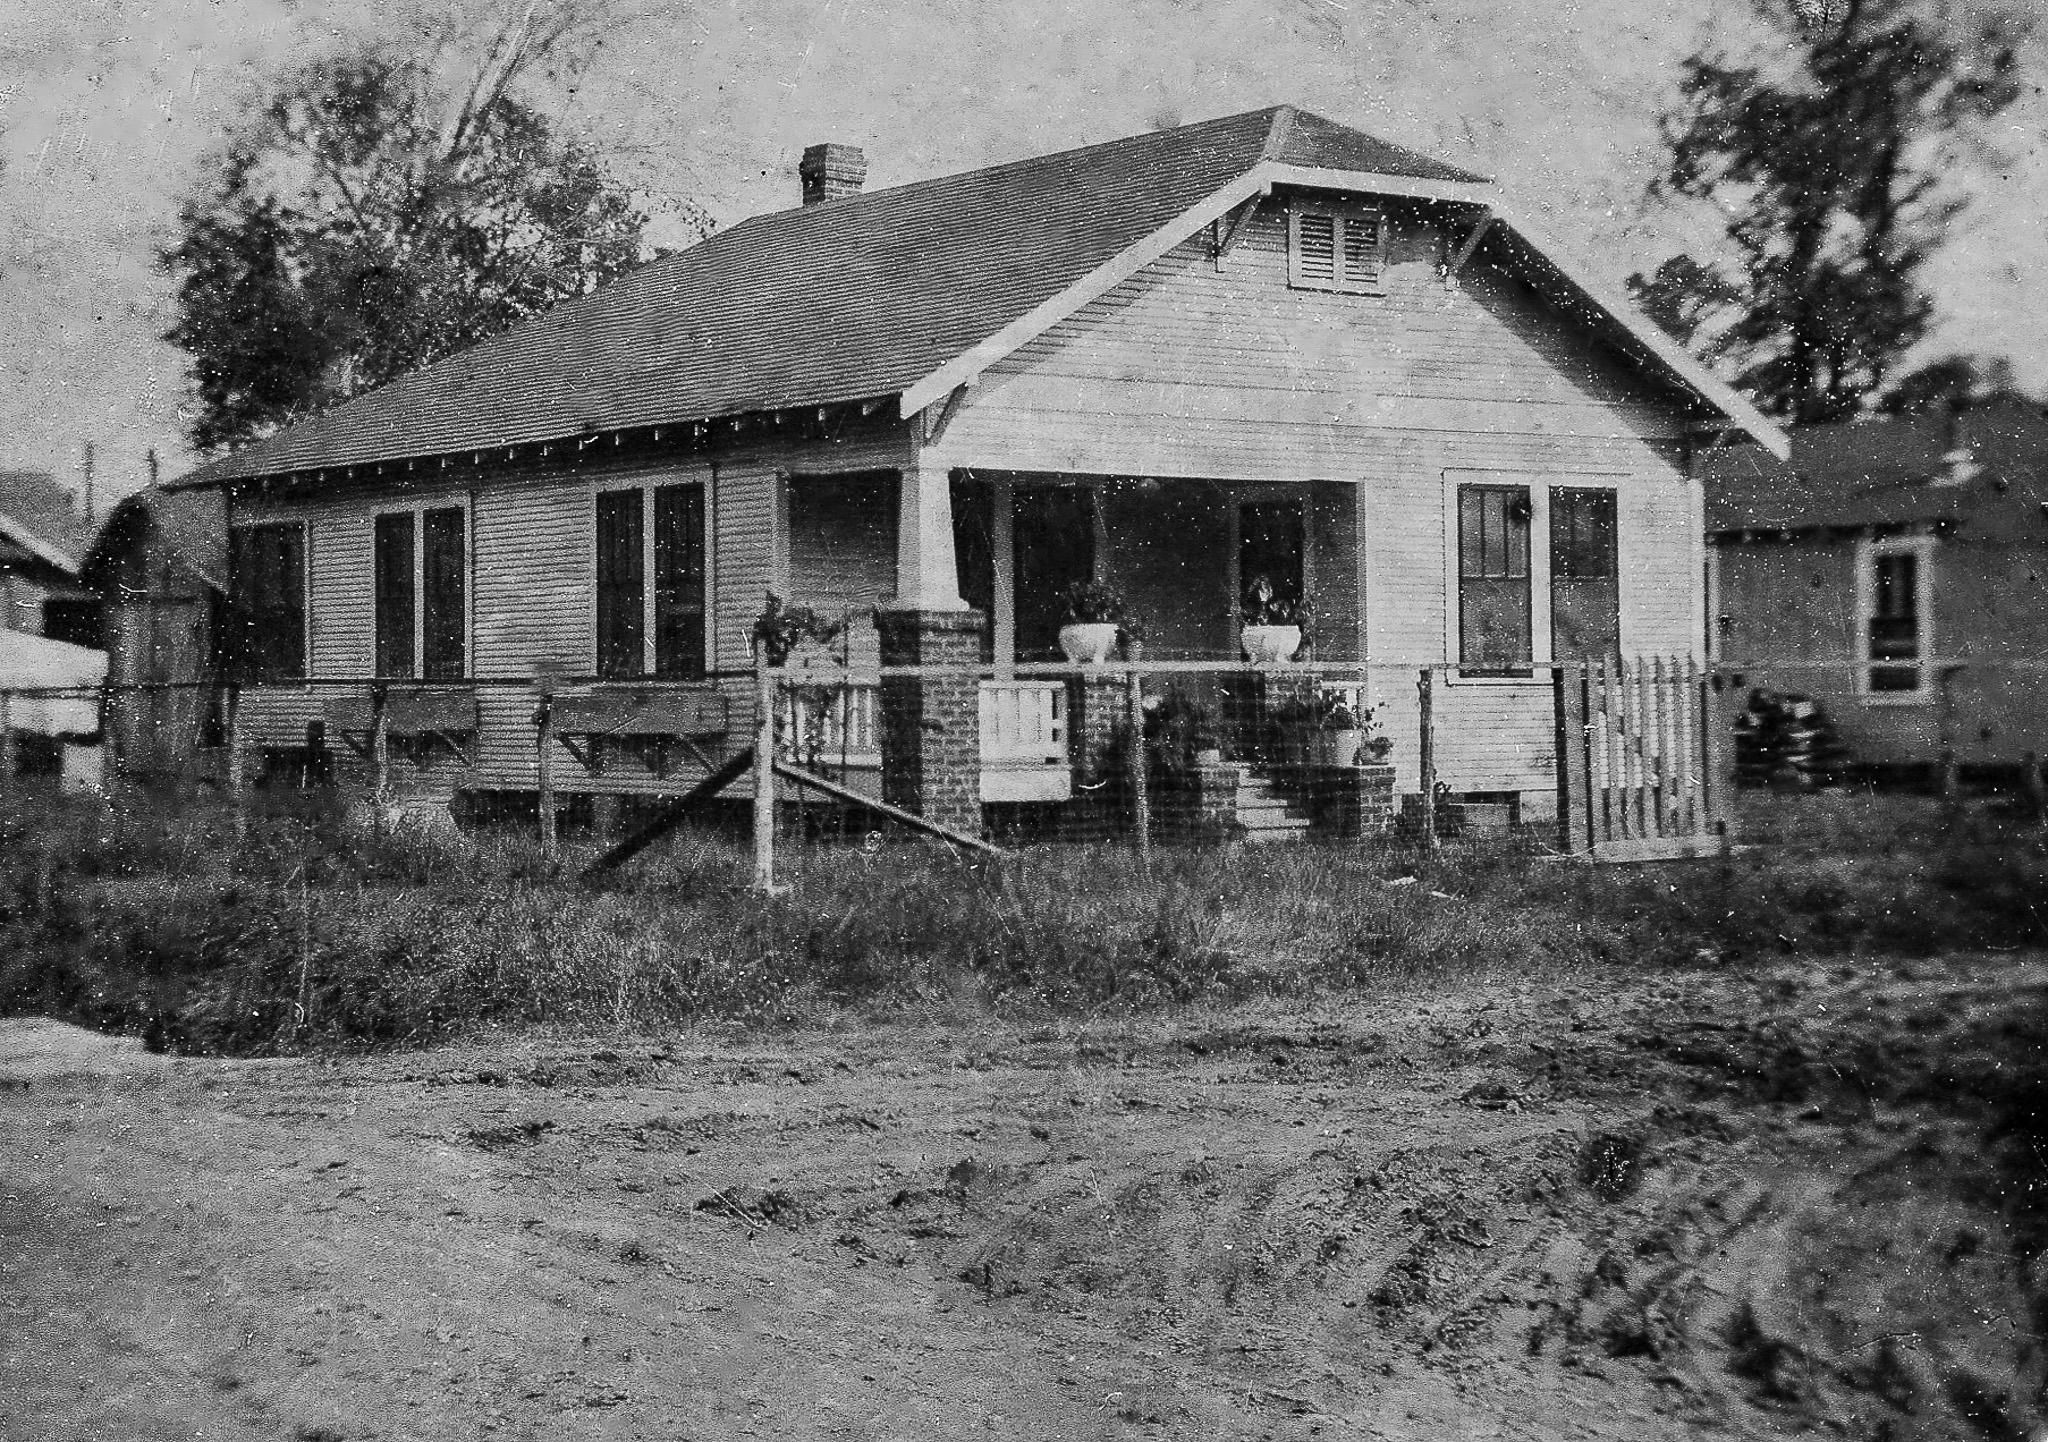 After restoration of Vintage Photo Of Old House